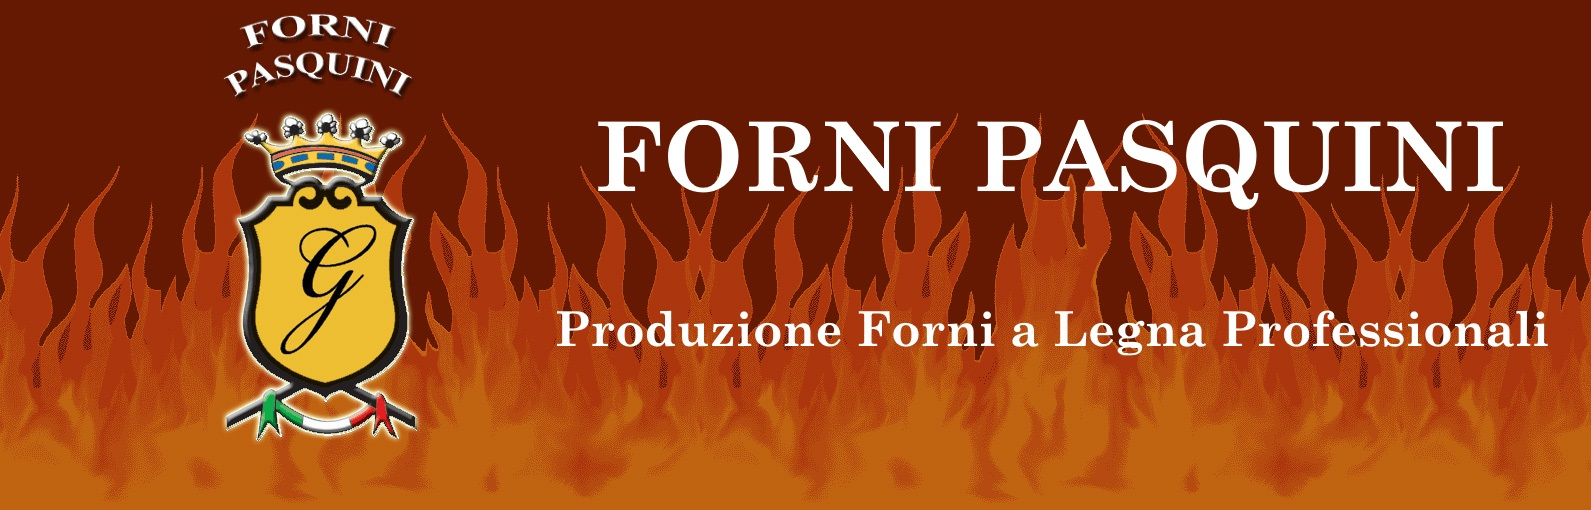 FORNI PASQUINI di Giuseppina DI GIULIO – Forni refrattari a legna e getti  refrattari su misura